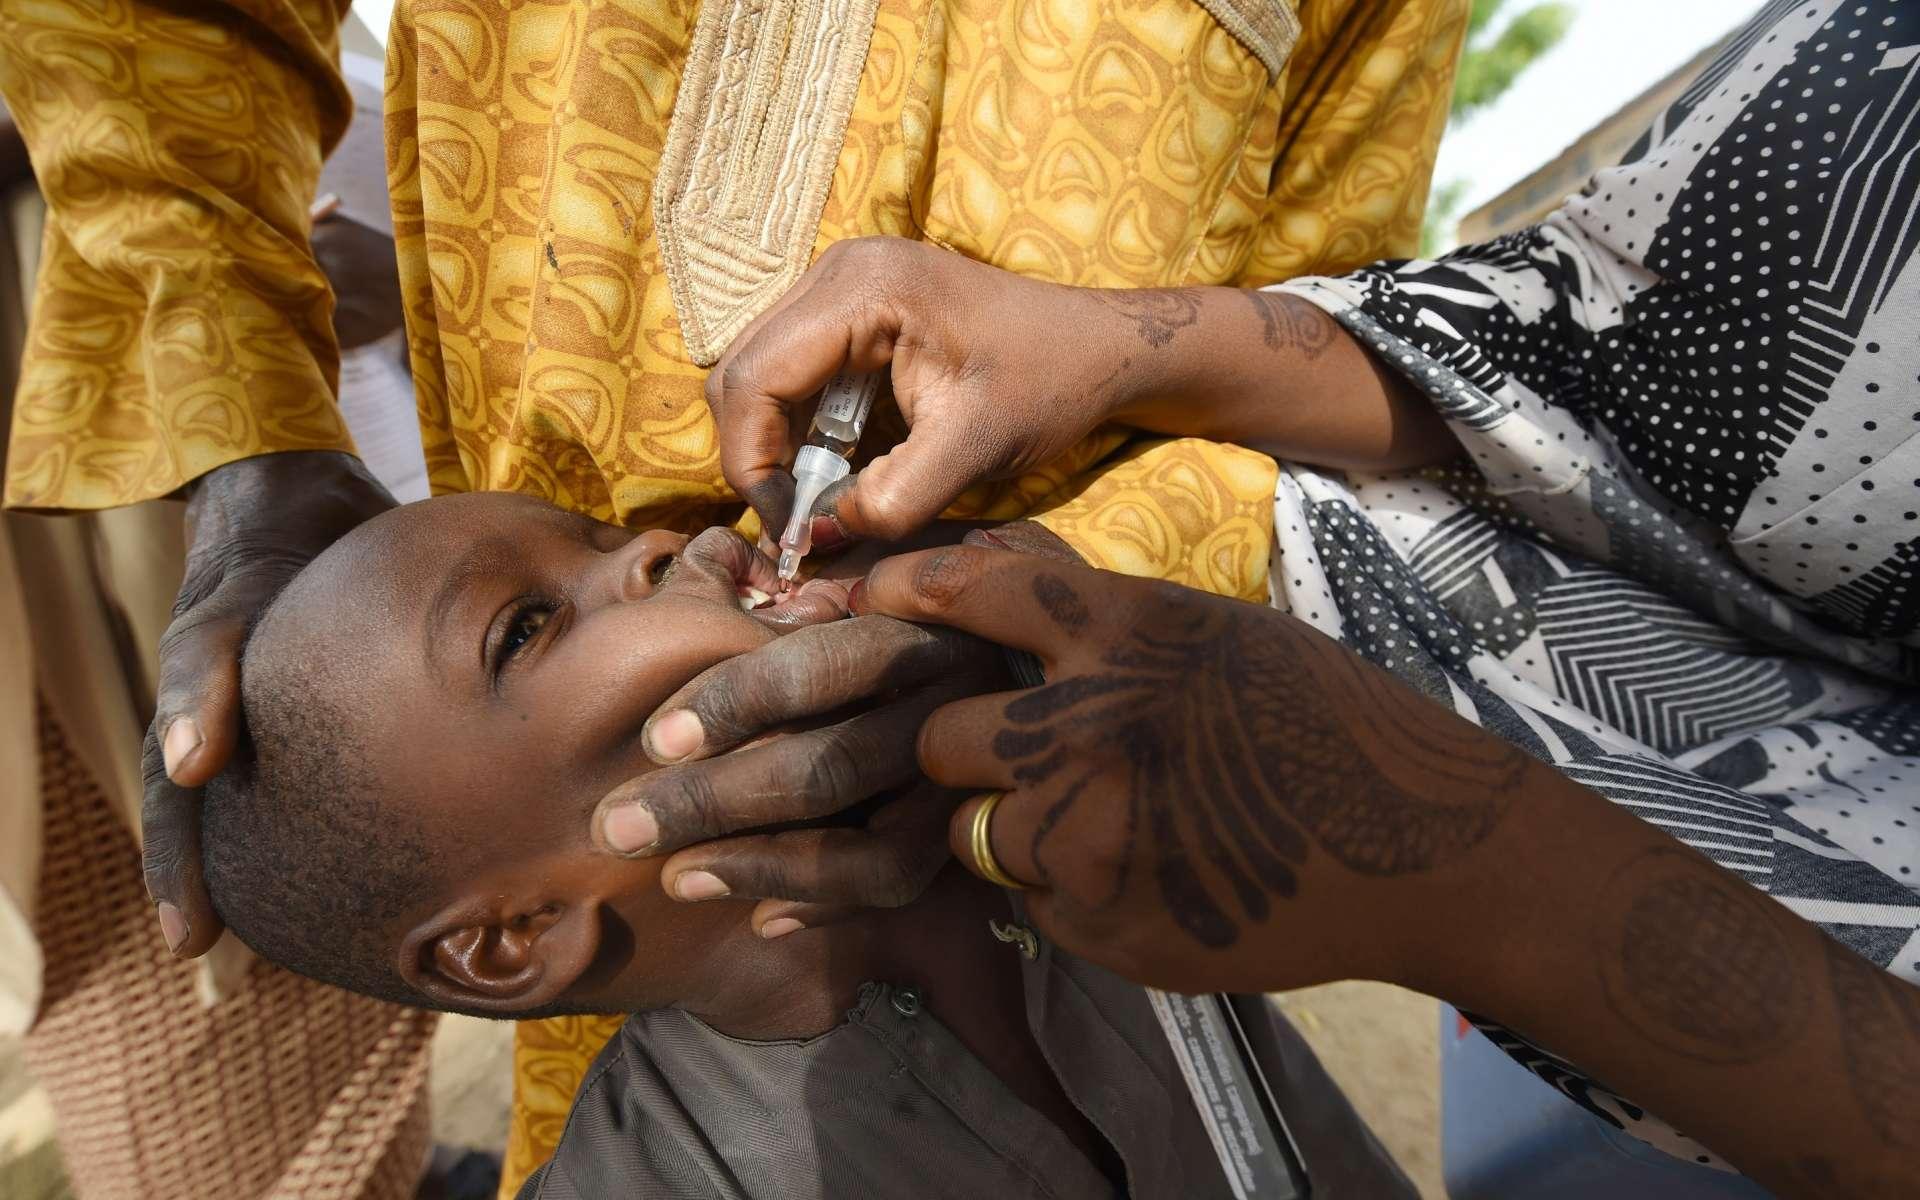 La polio est officiellement éradiquée du continent africain, selon l'OMS. © Pius Utomi Ekpei, AFP